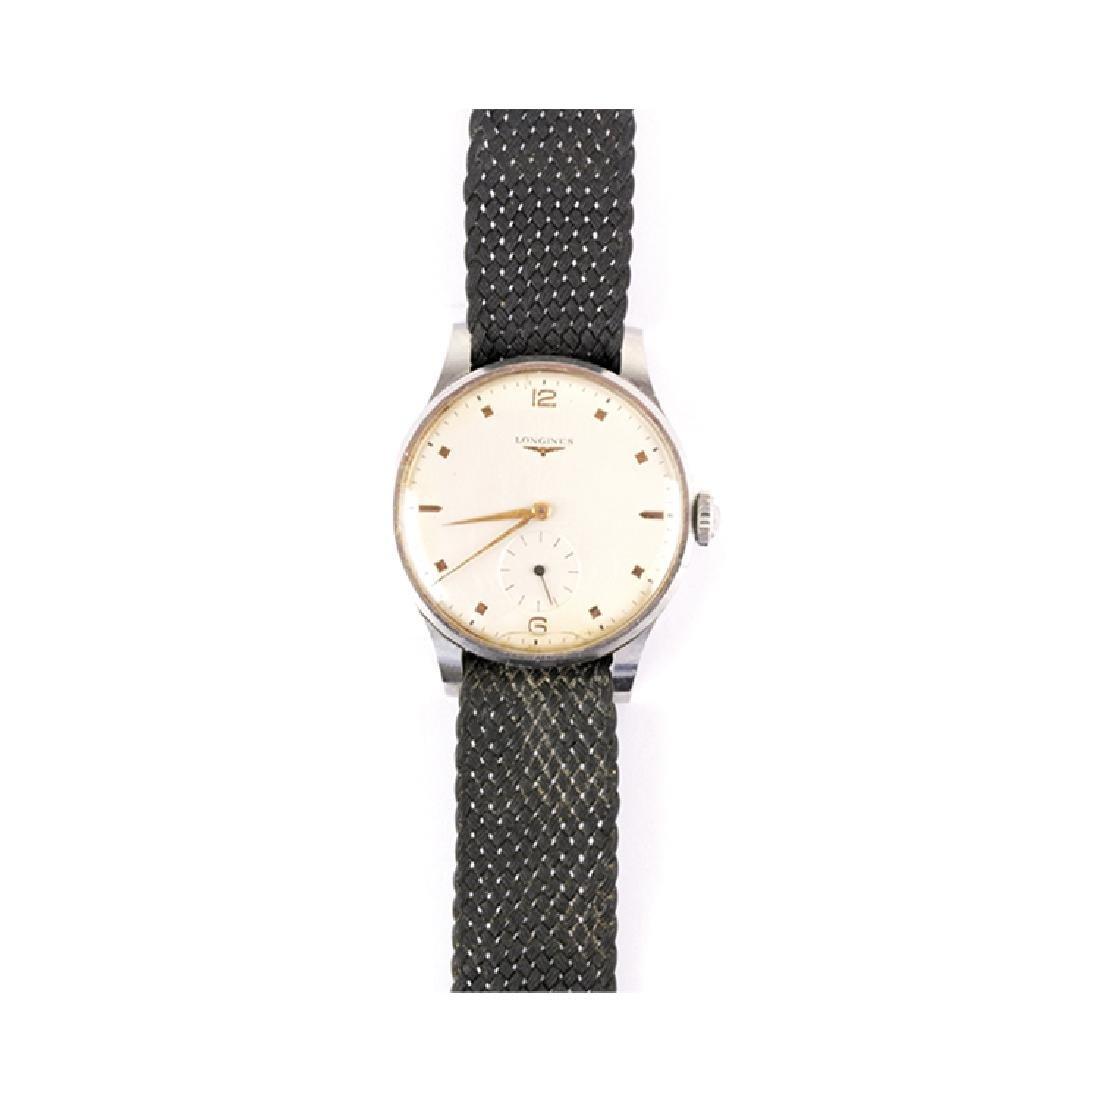 LONGINES steel watch